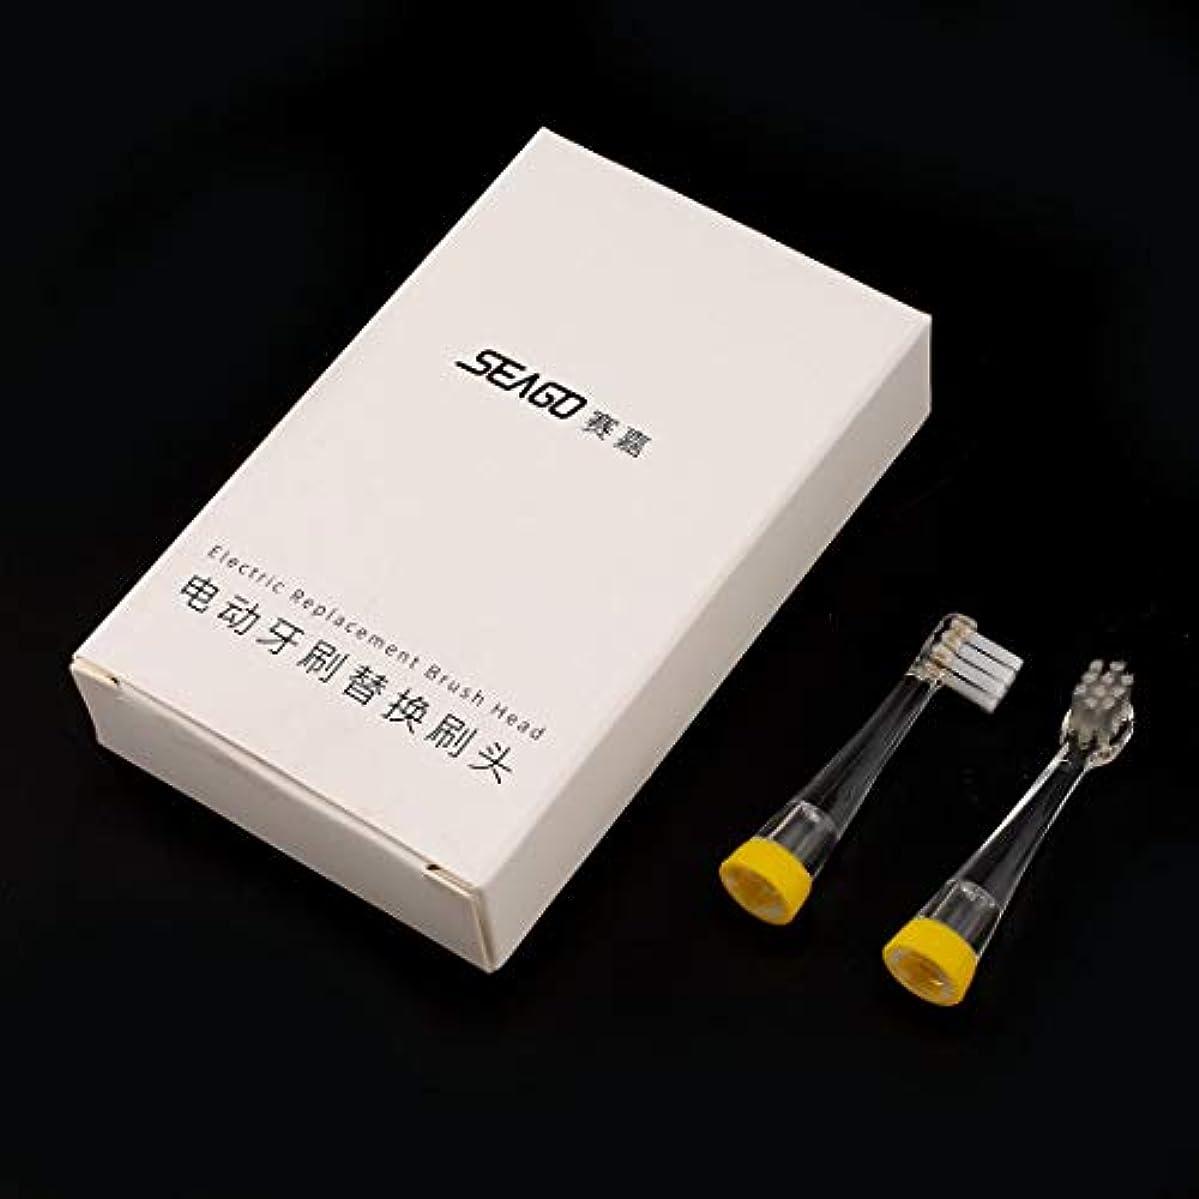 ギャロップ完璧再生可能Seago SG-811子供用電動歯ブラシソフトデュポンナイロン毛用2個ポータブル電動交換ブラシヘッド (PandaWelly)